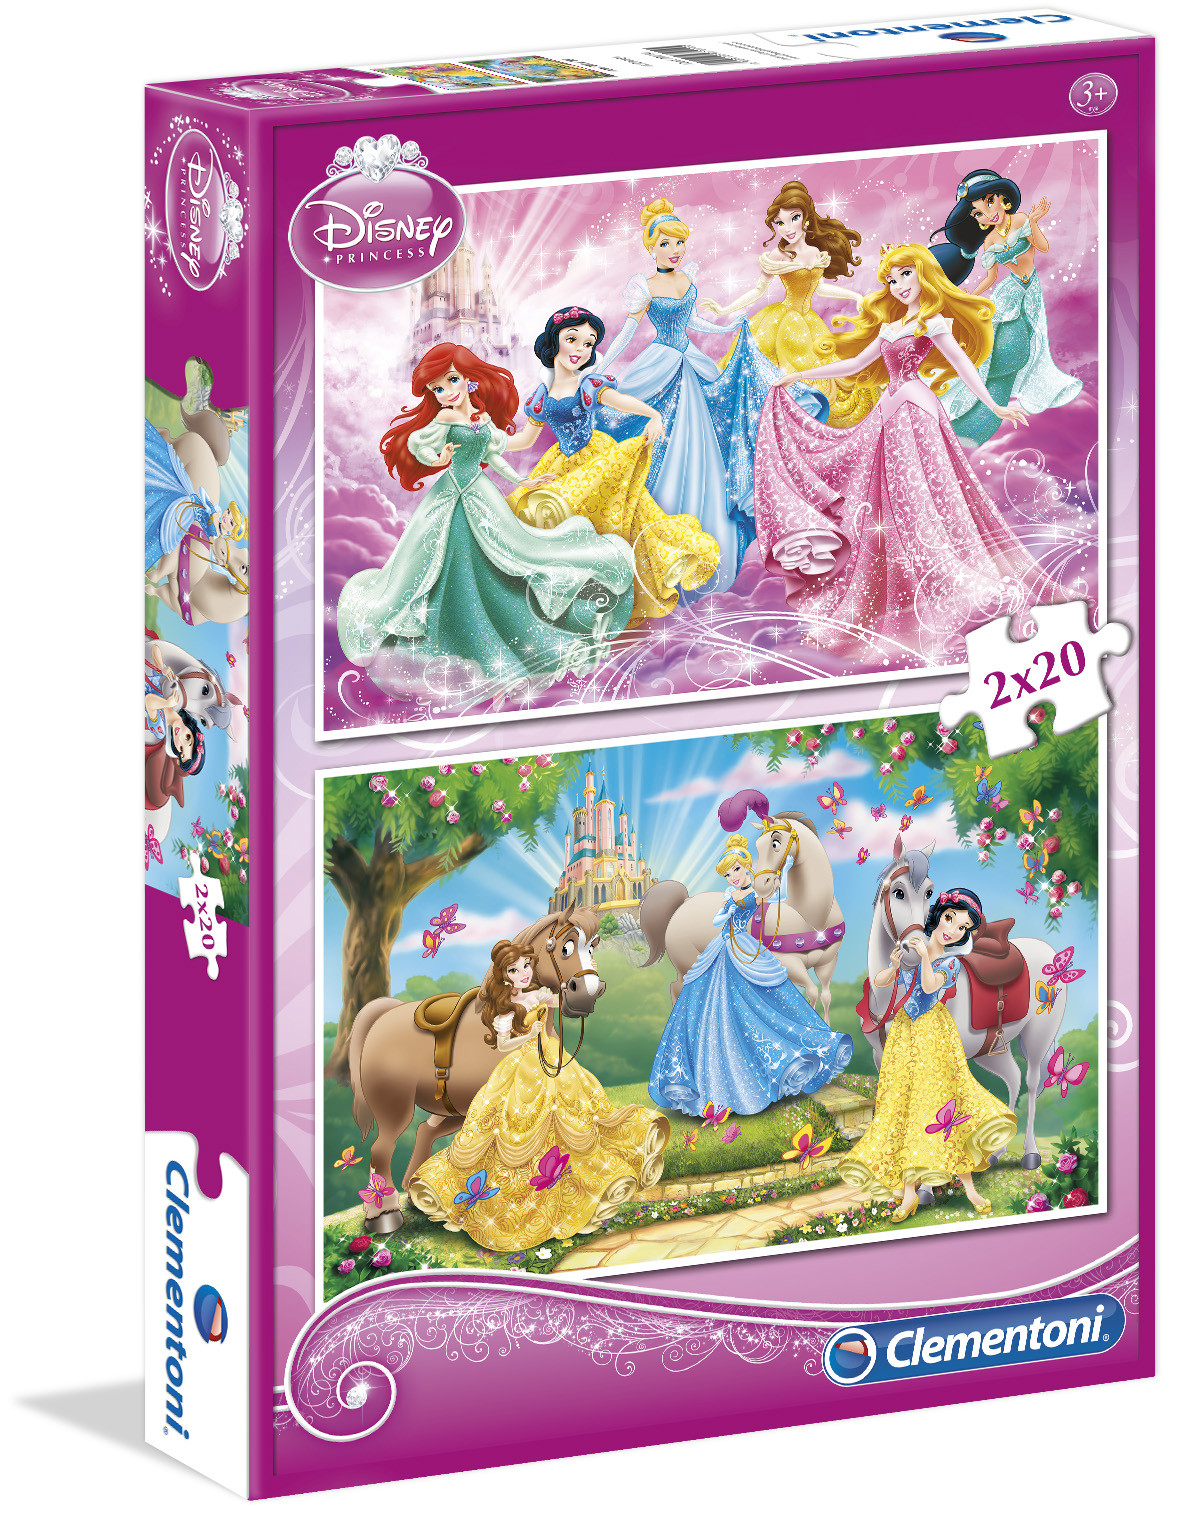 Пазлы Clementoni/Supercolor Disney Princess арт.: 07014 (2х20 эл)